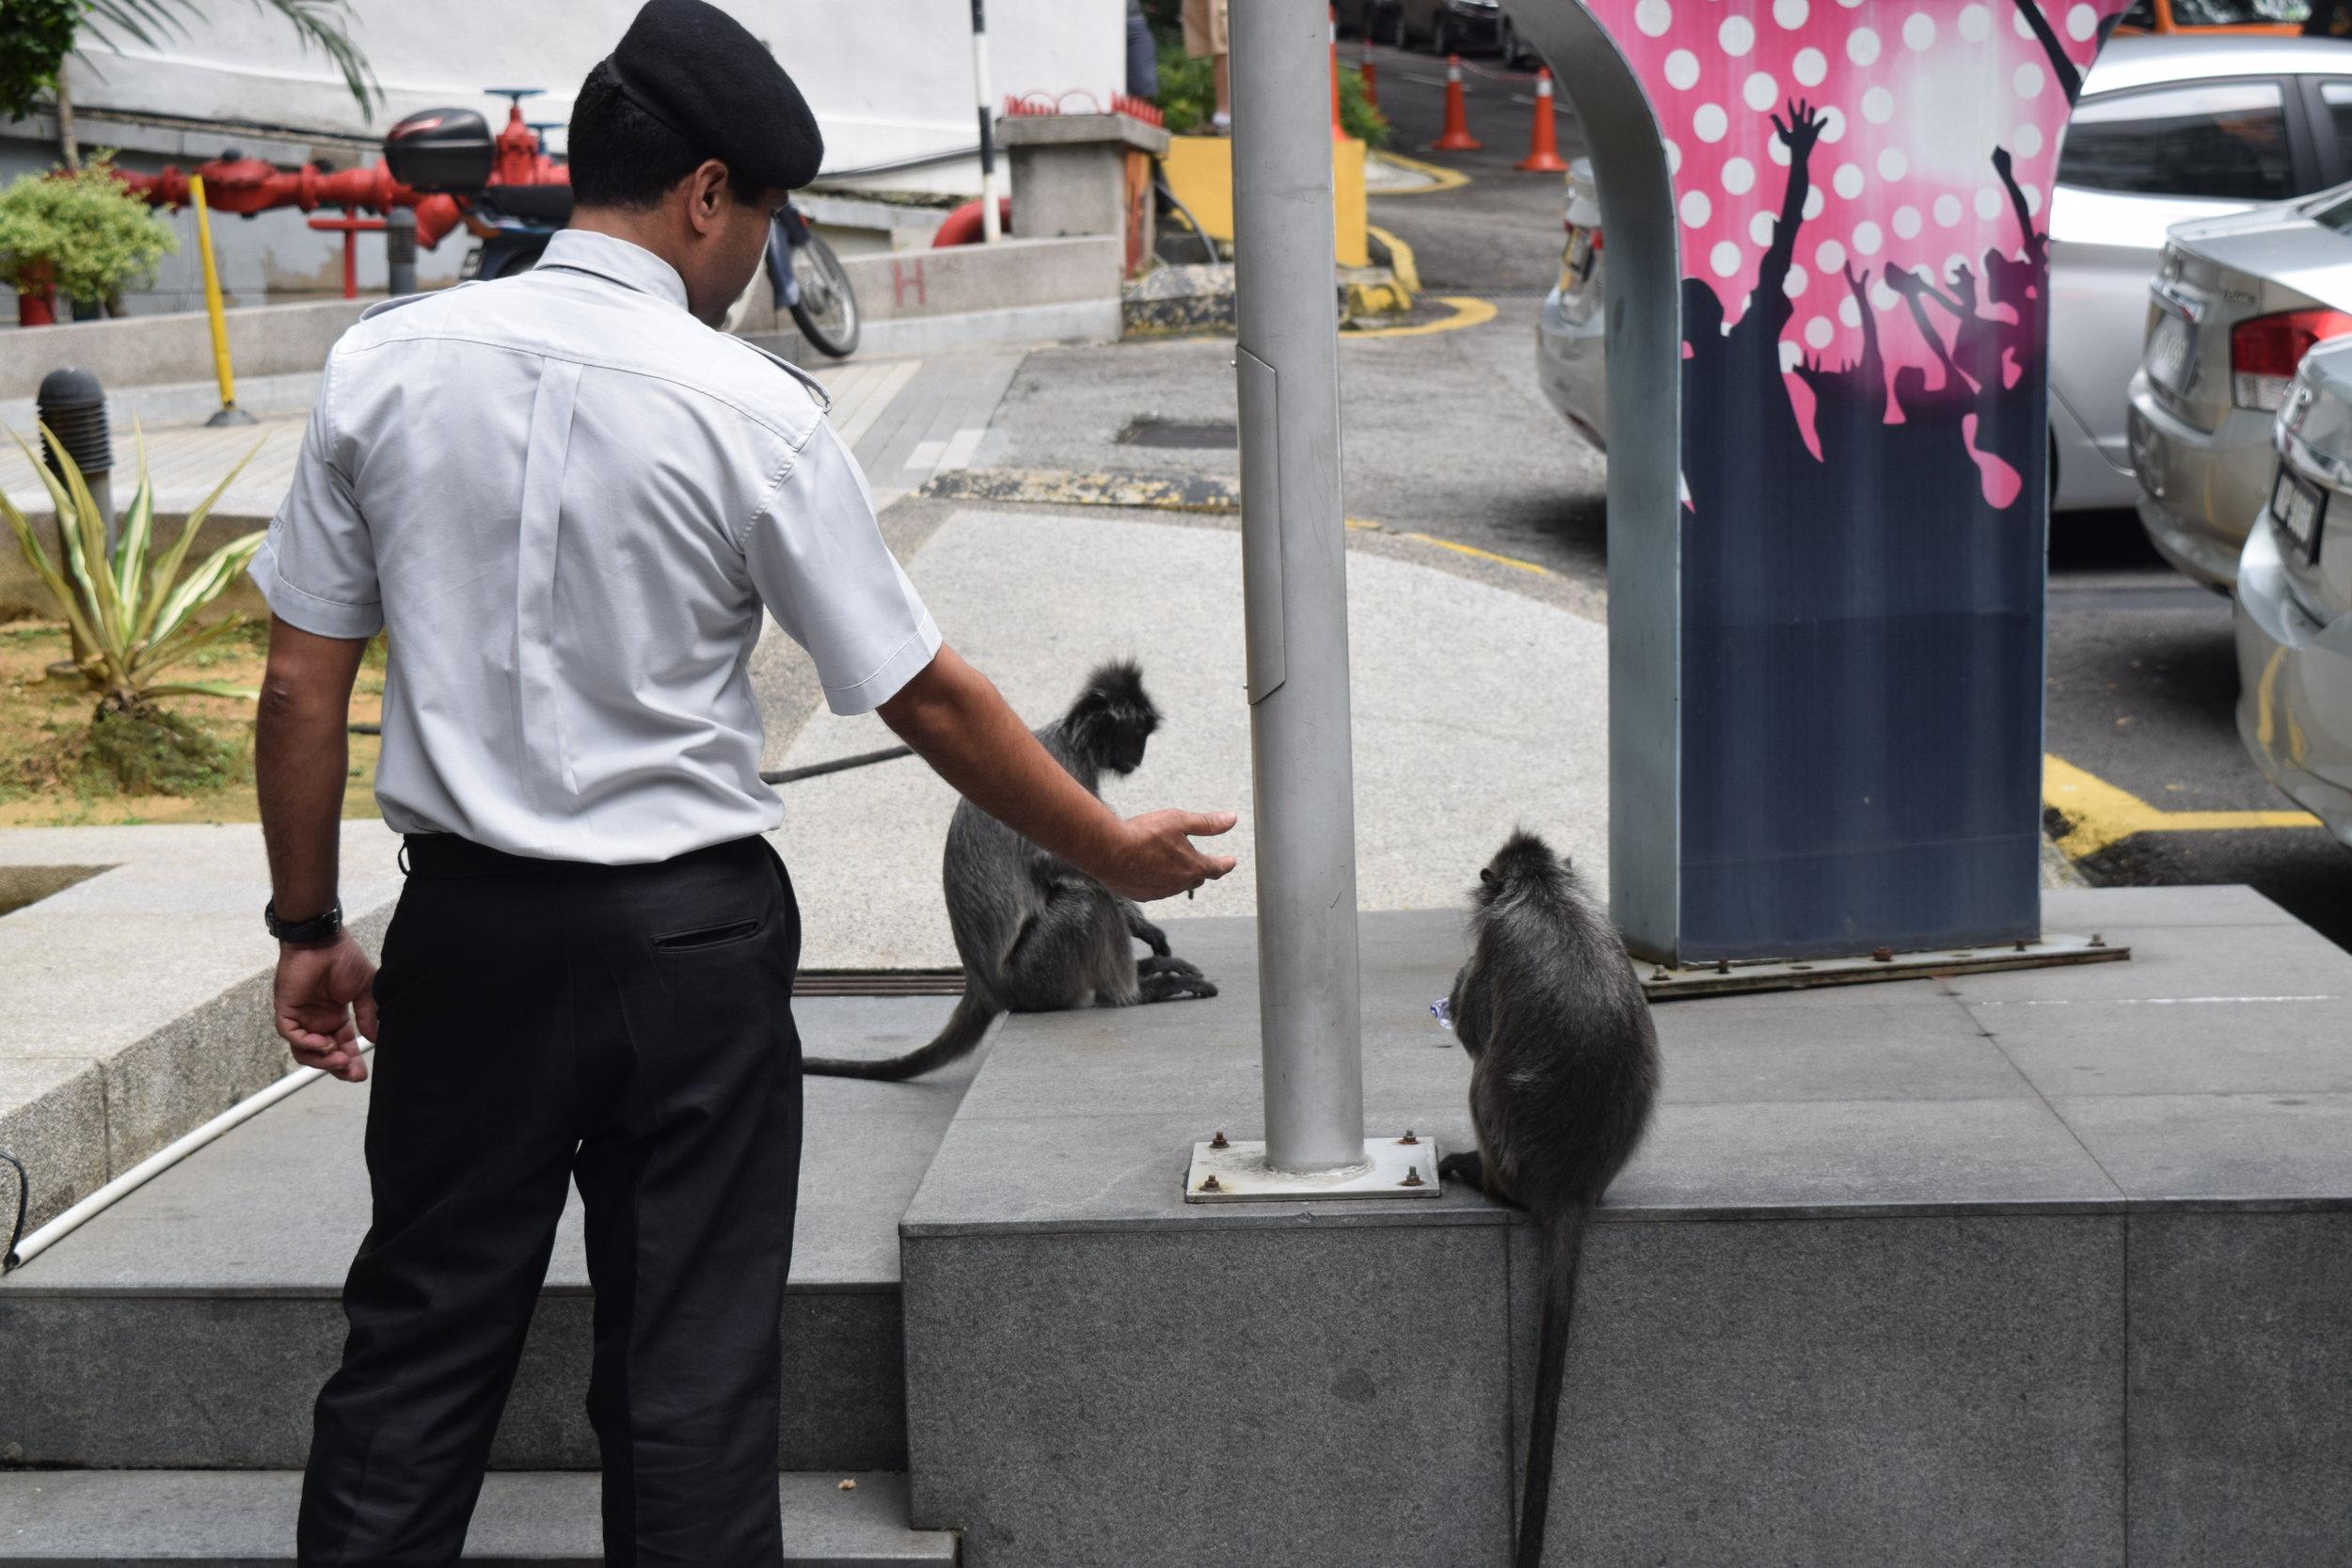 A Kuala Lumpur, capitale della Malesia, non è difficile imbattersi in testardi scimmiettine ladre. Eccone qui una, beccata da una guardia la quale sta esigendo indietro un busta di plastica.